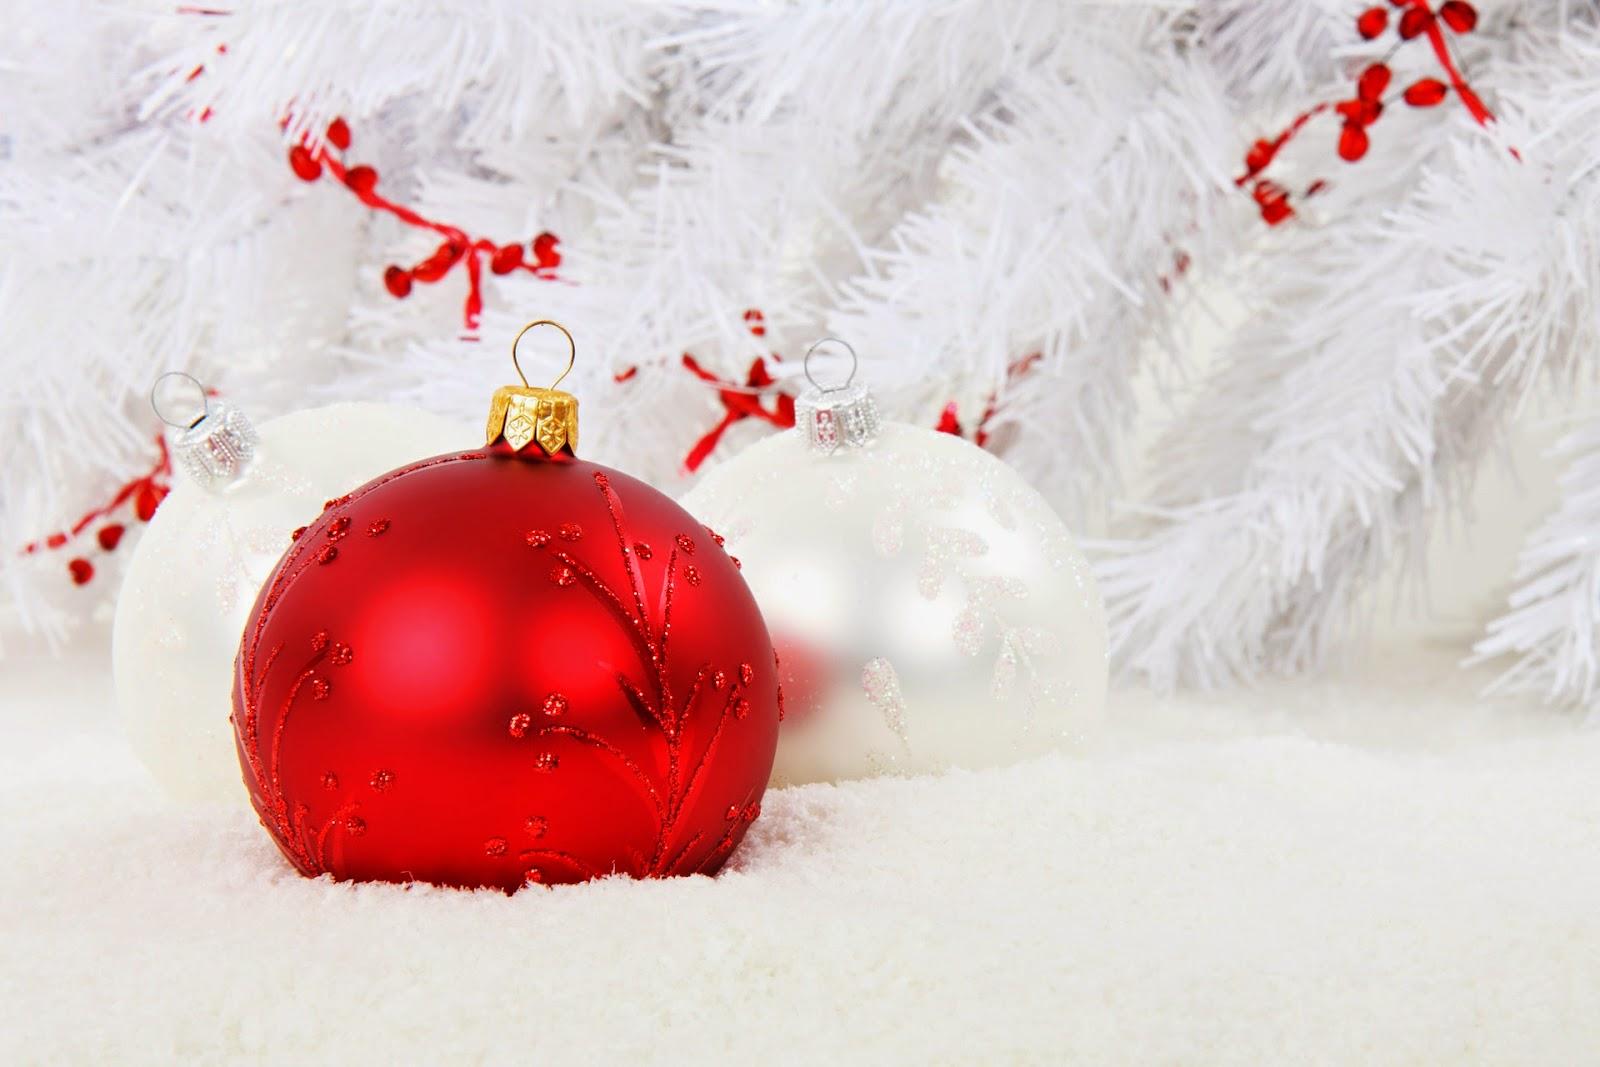 Desea Feliz Navidad y Feliz Año Nuevo 2015 deseos